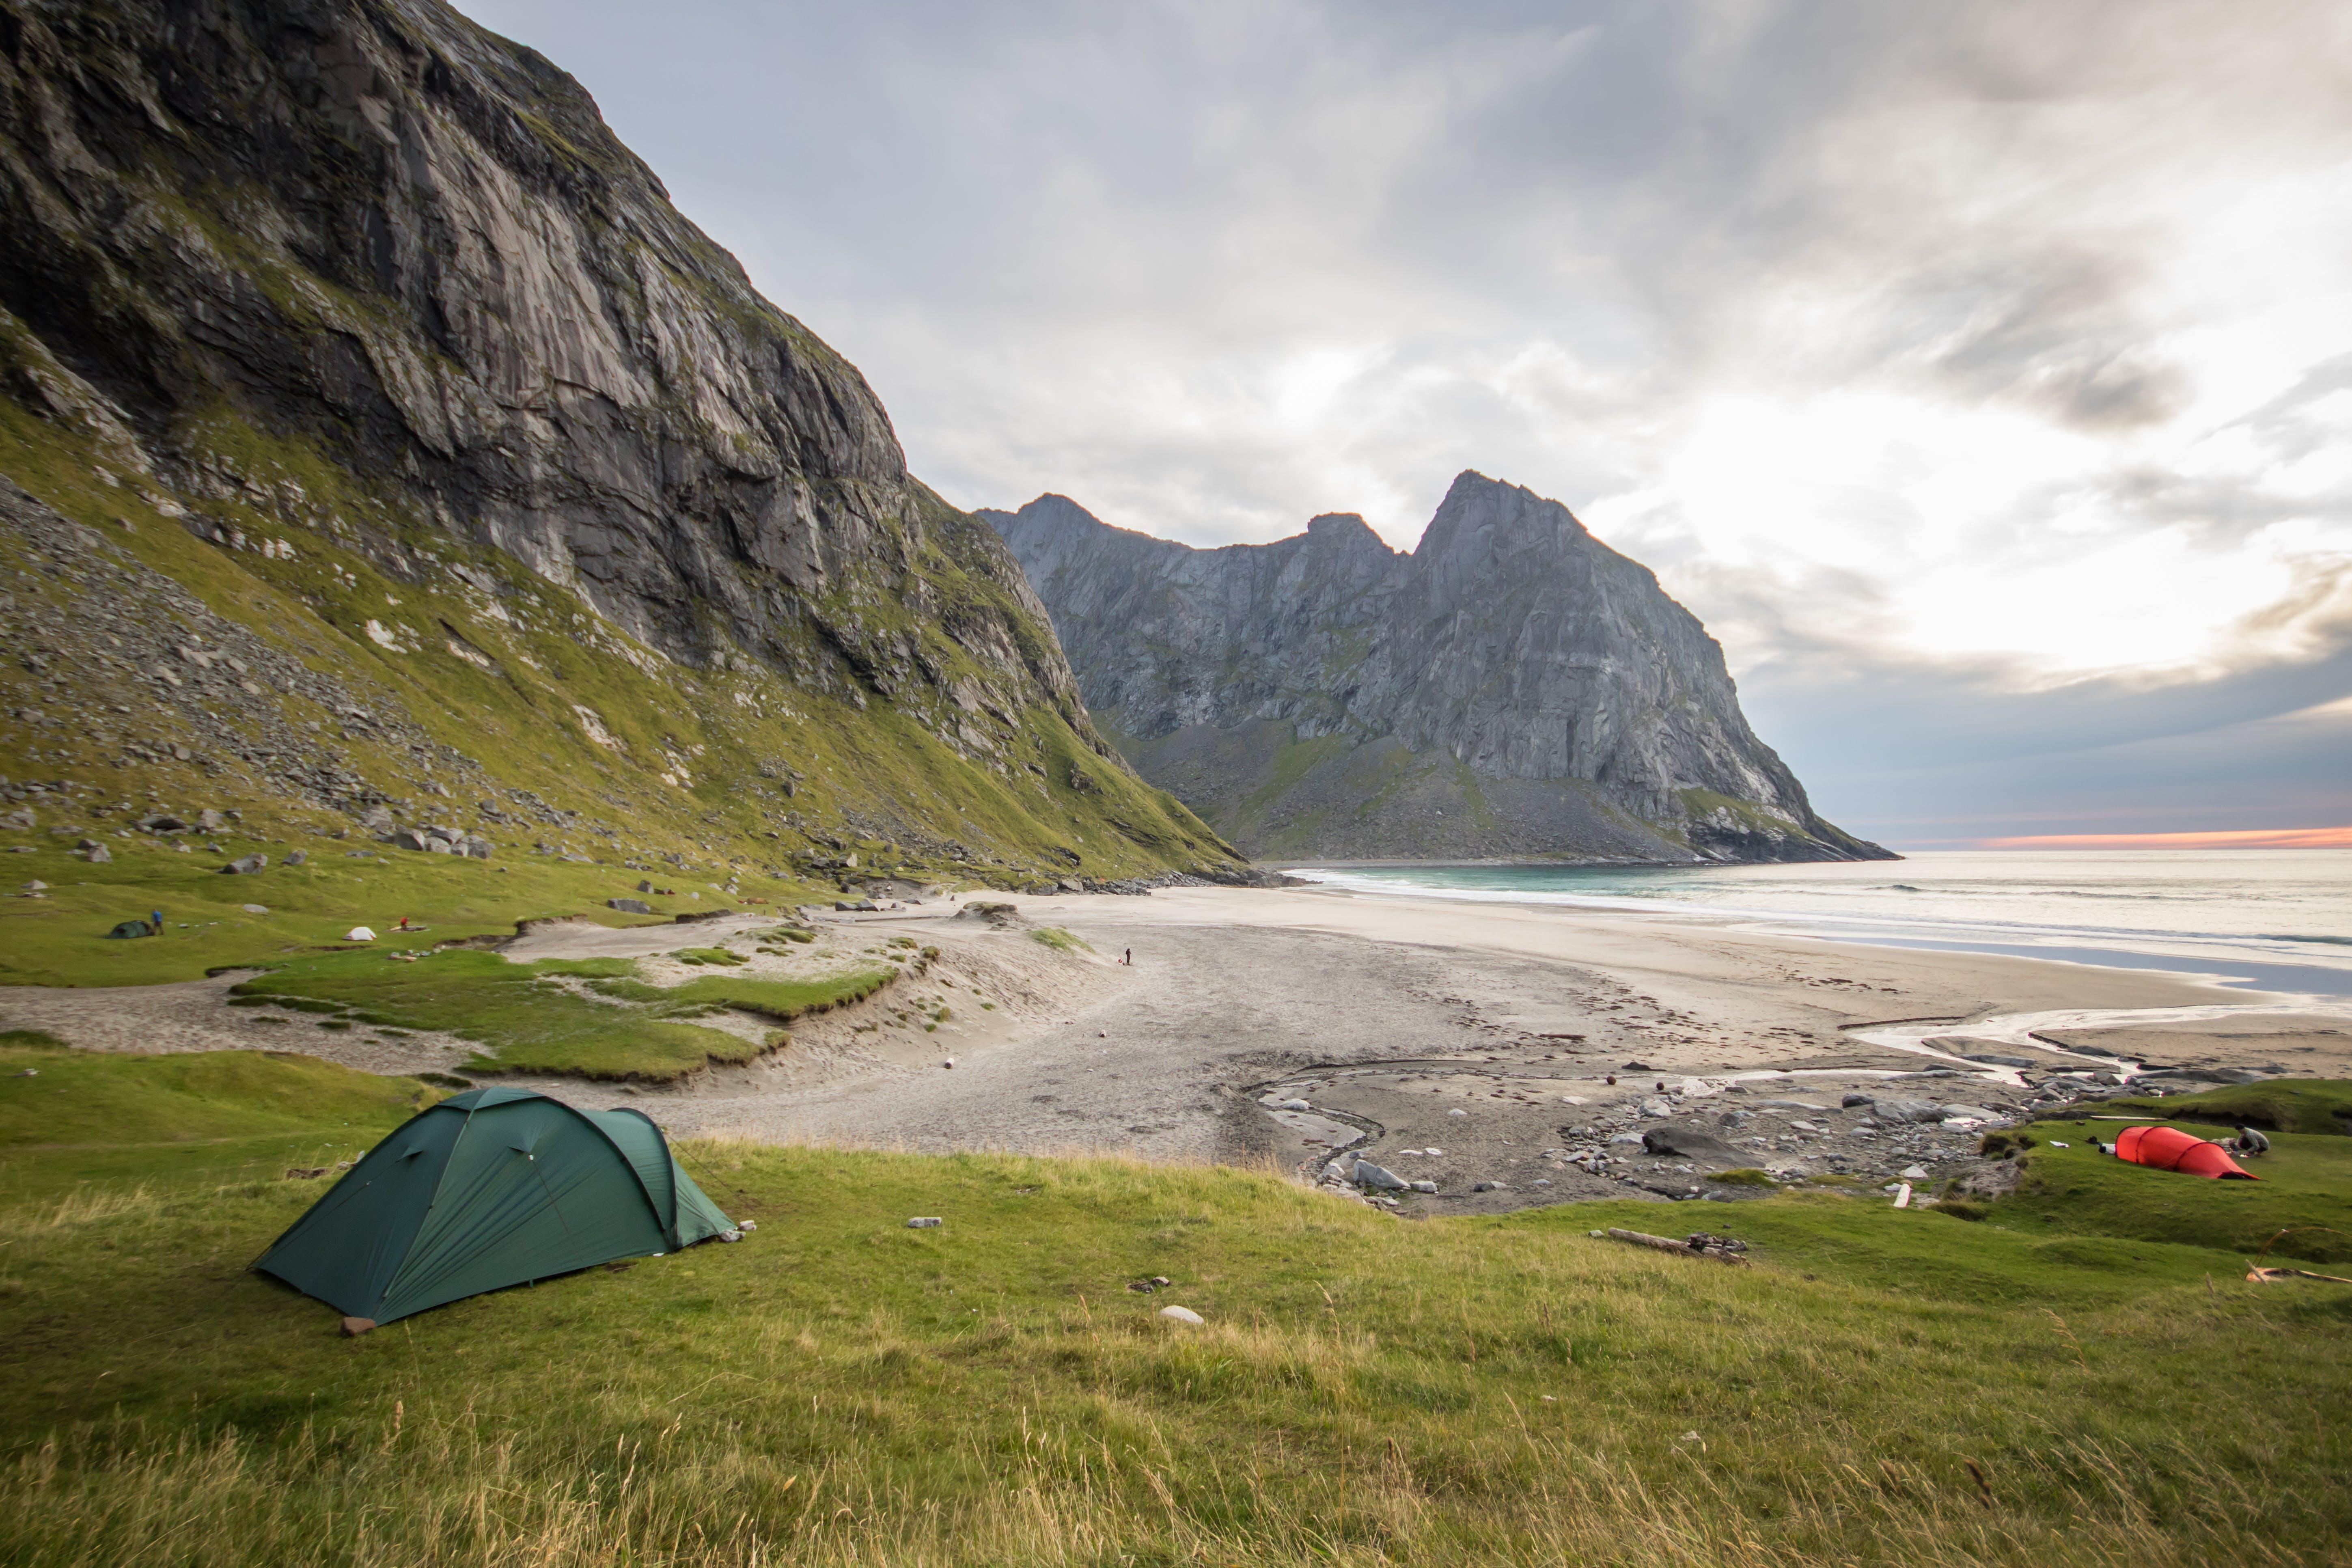 Green Tent on Green Grass Field Facing Ocean